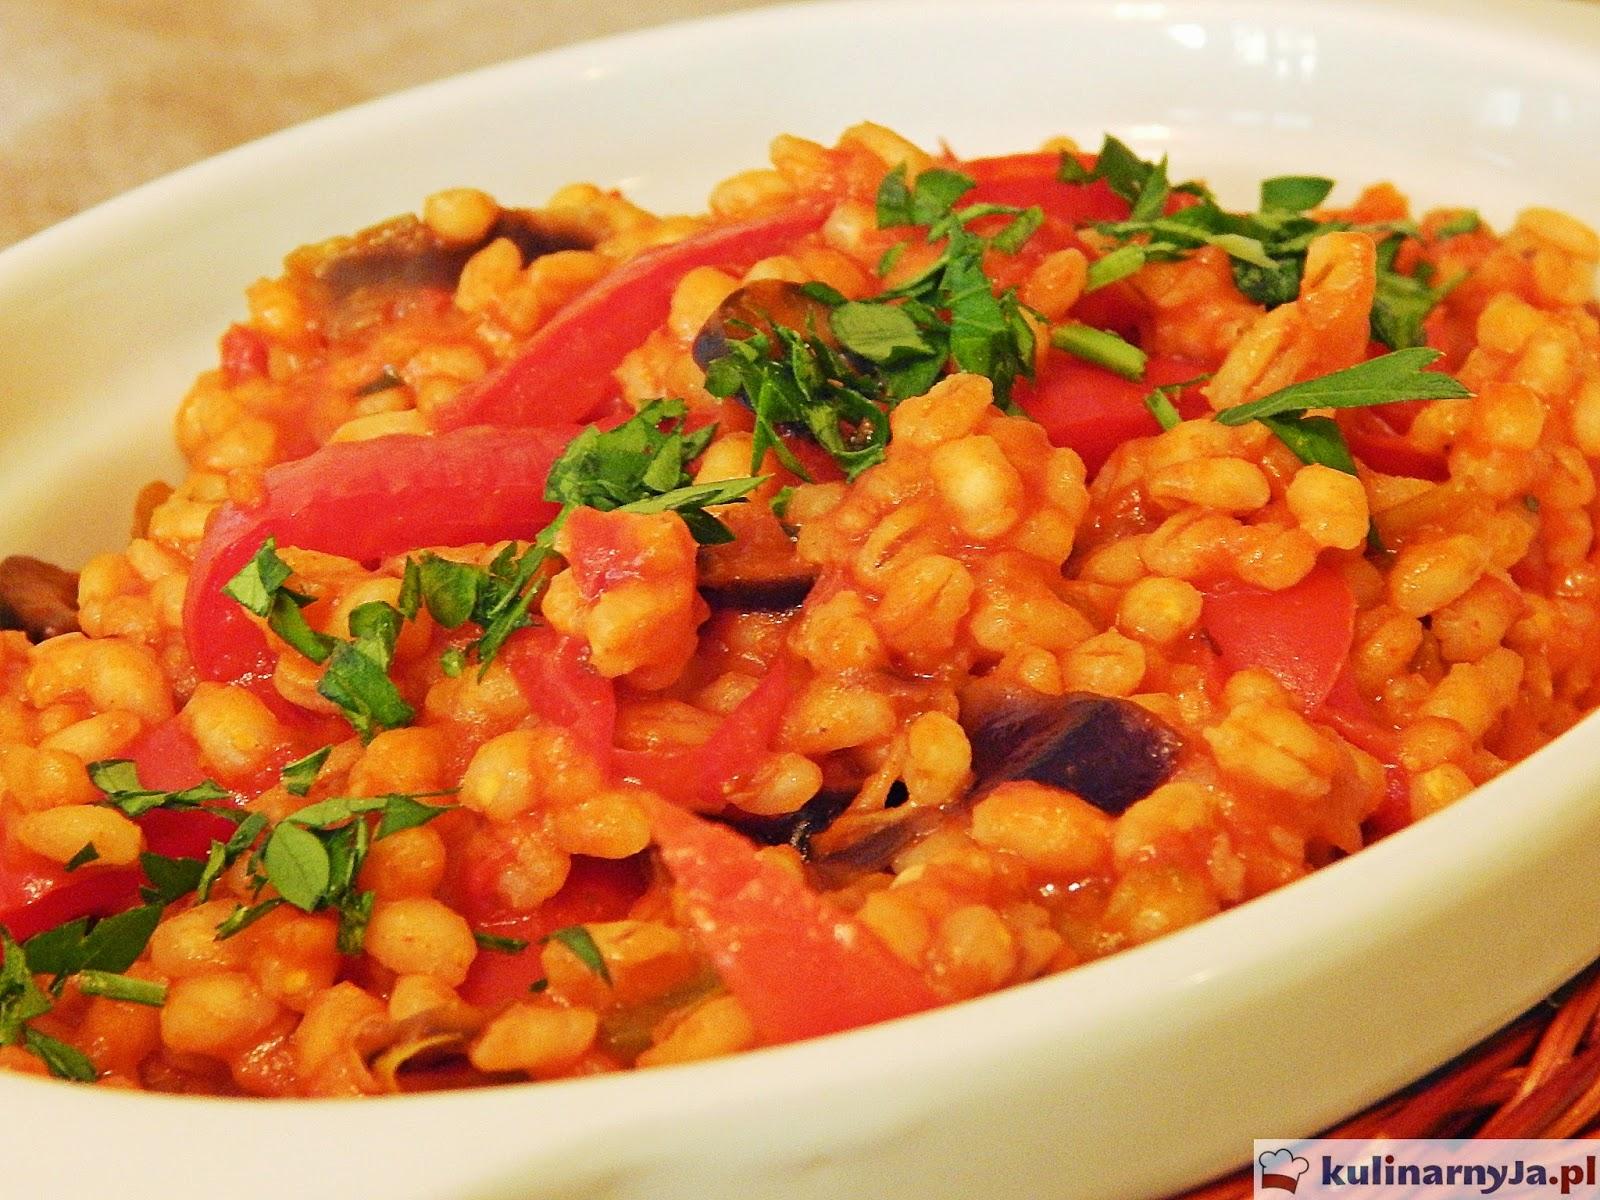 Pęczotto z papryką, bakłażanem i oliwkami w pomidorowym sosie